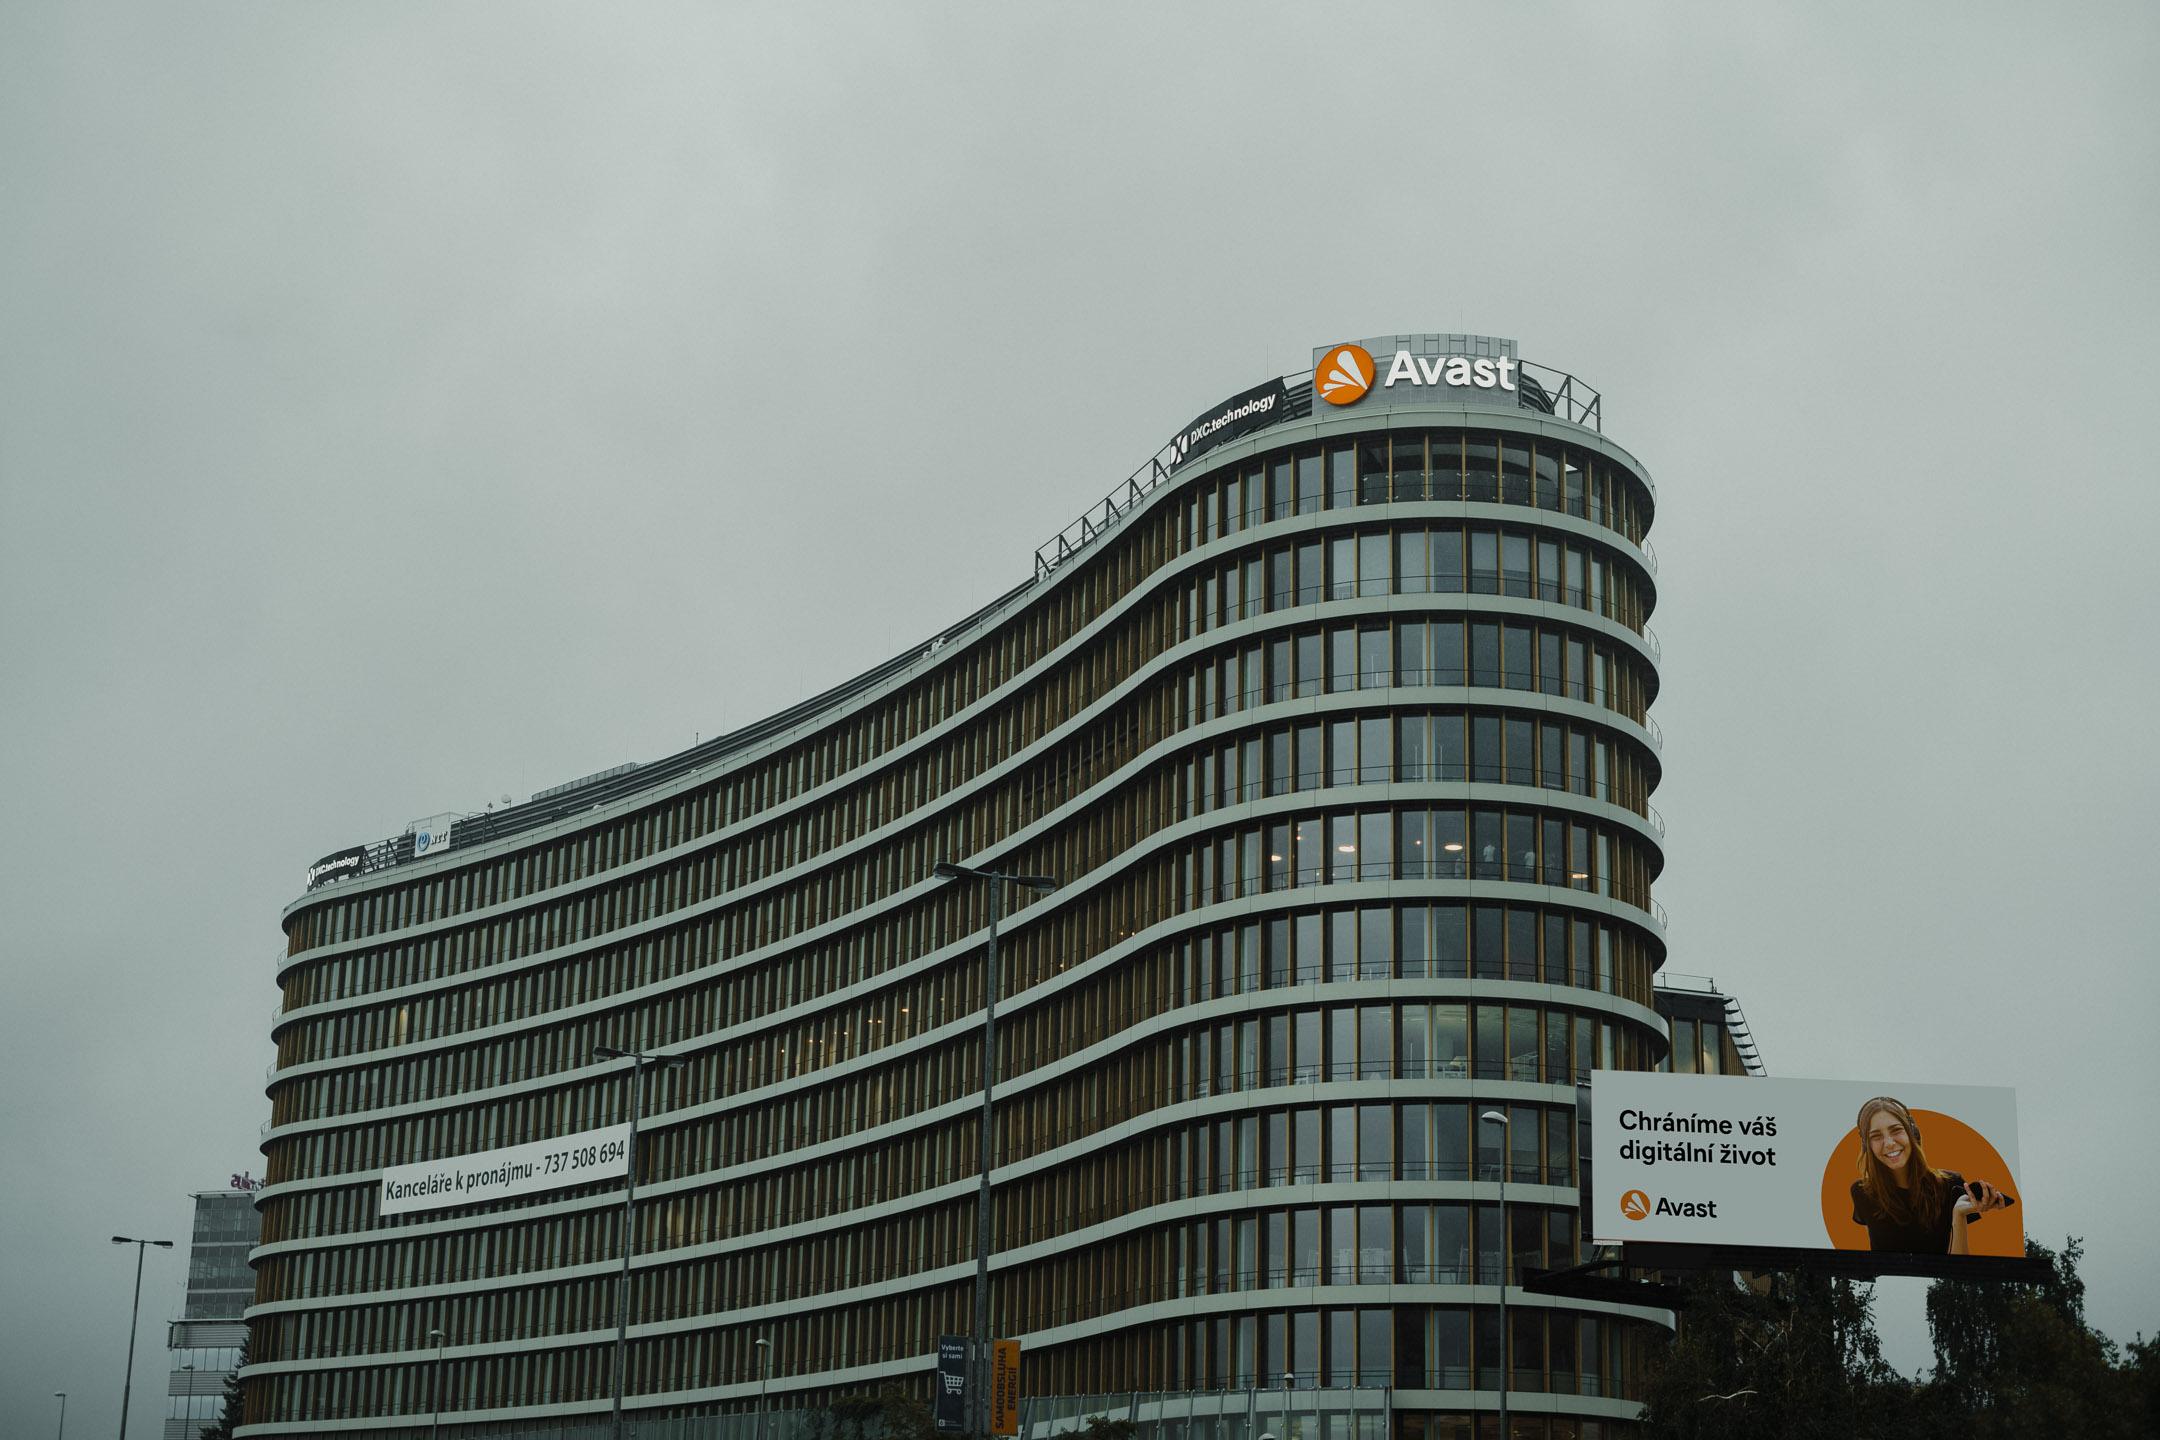 Avast HQ